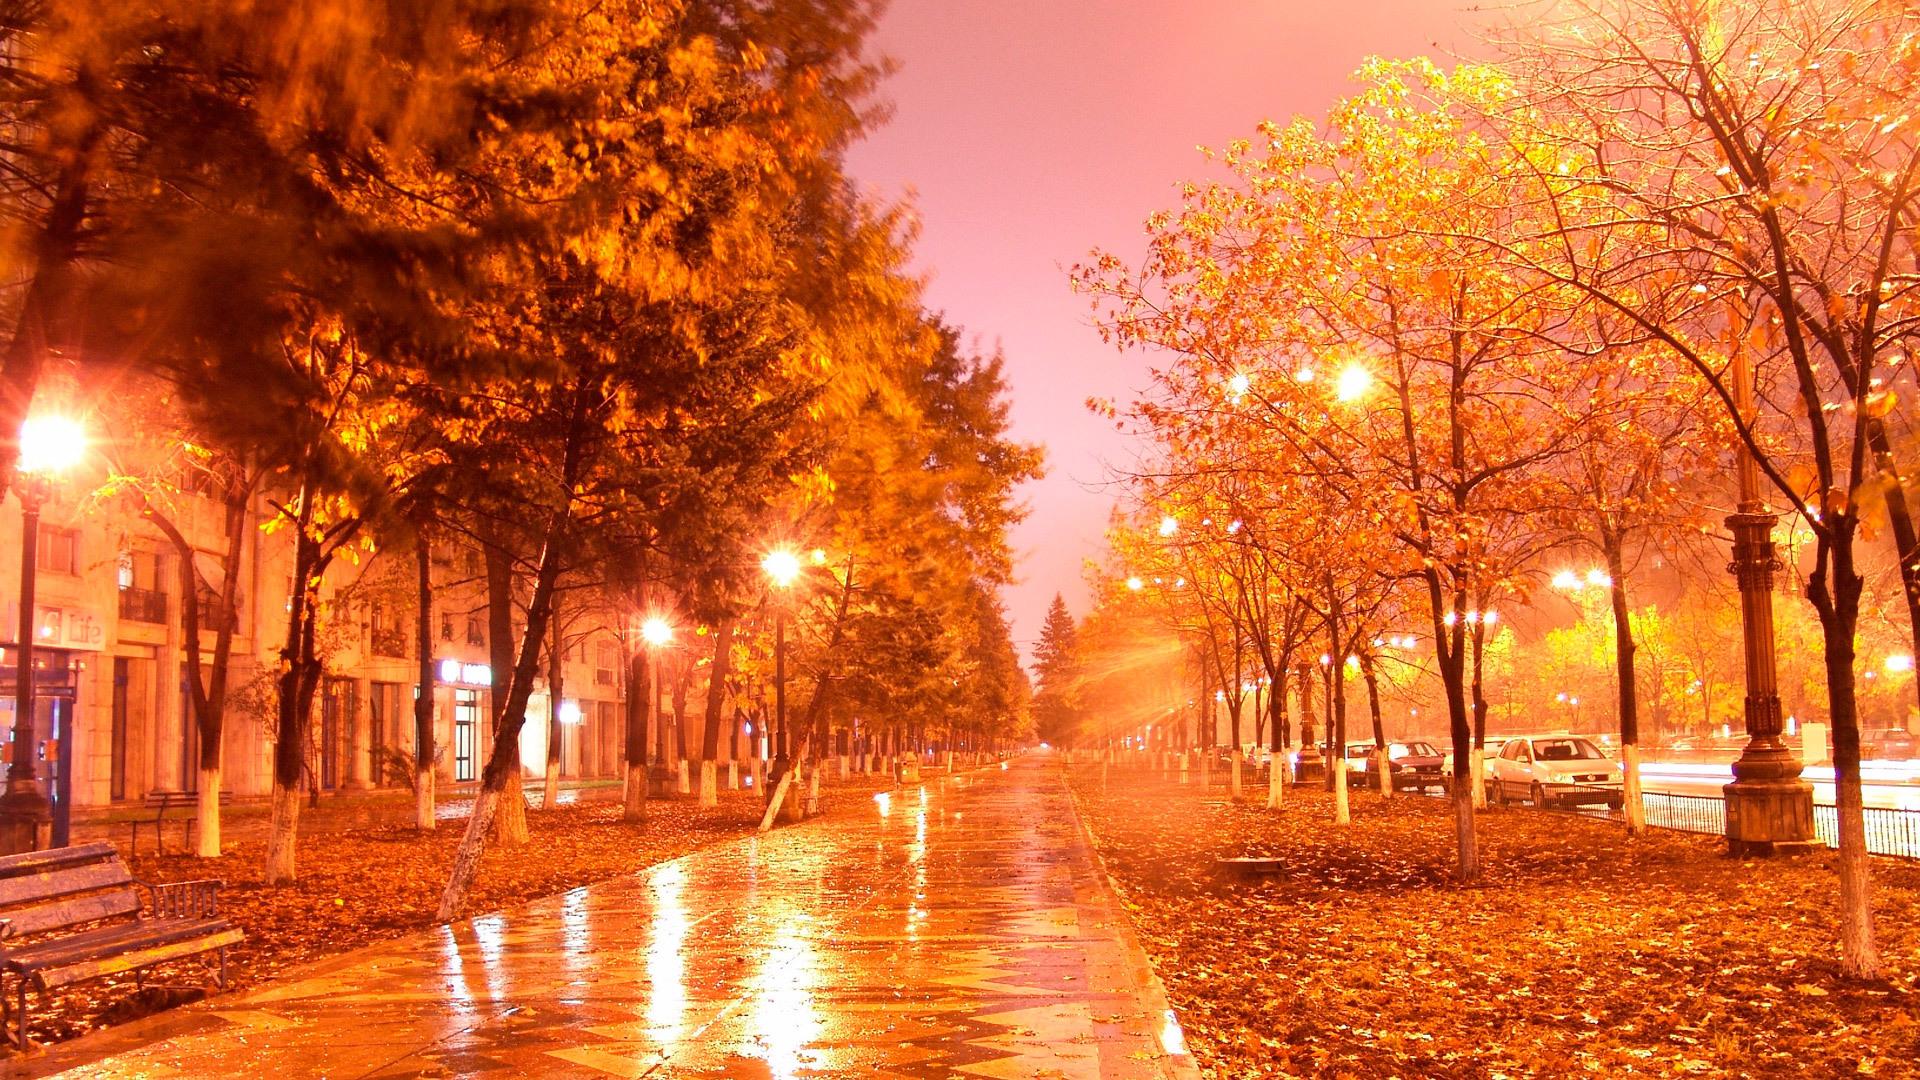 Завантажити картинку 22329: Пейзаж, Дерева, Осінь, Вулиці, Ніч шпалери на робочий стіл безкоштовно